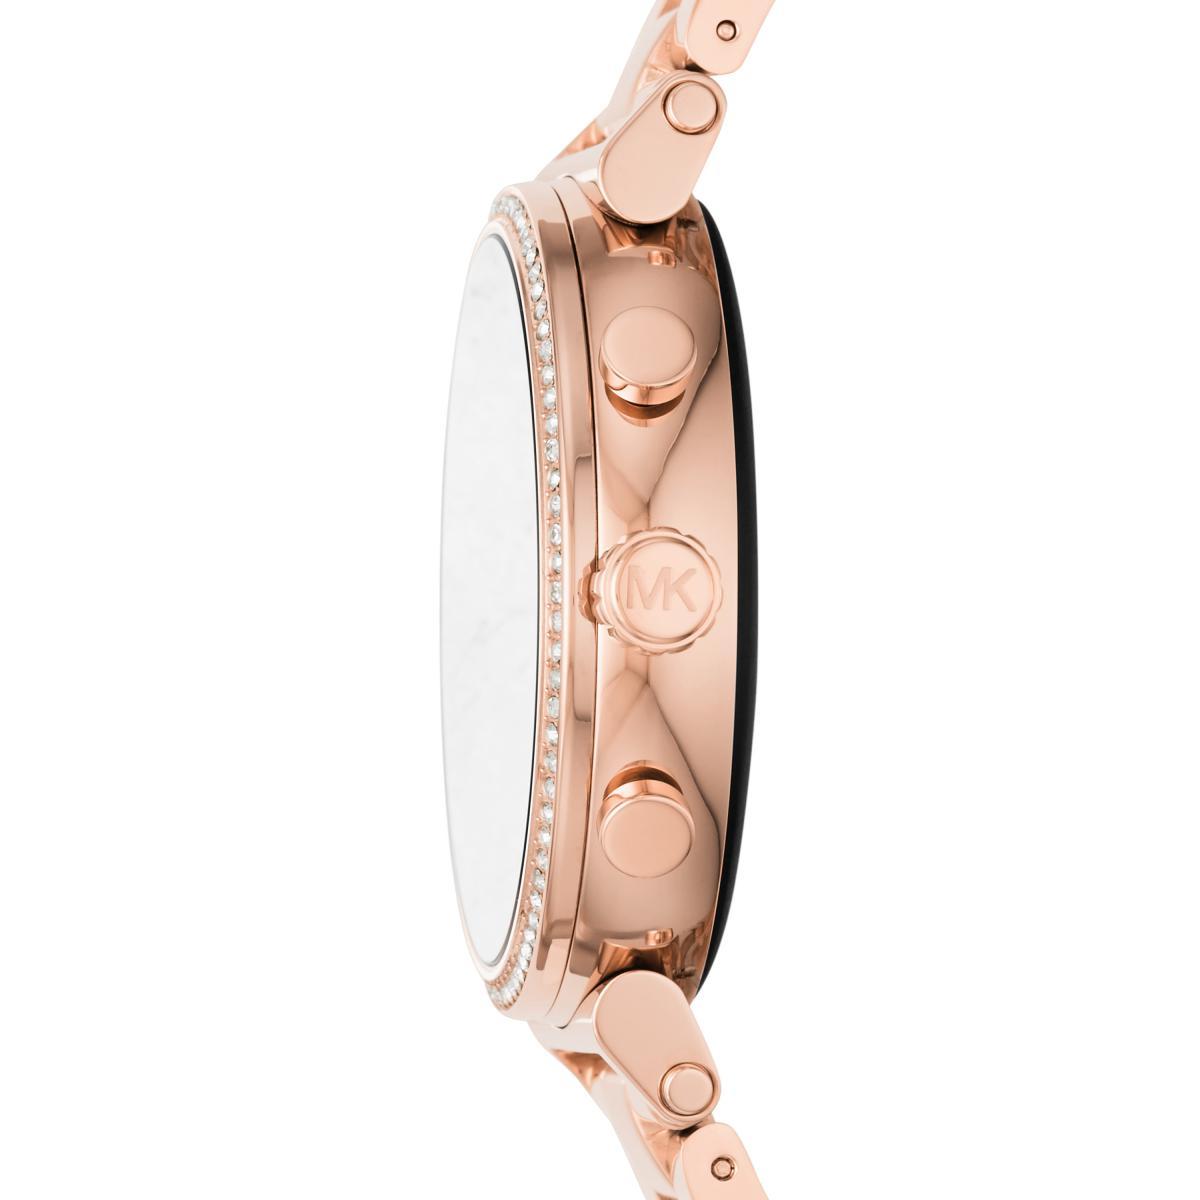 Montre Michael Kors SOFIA MKT5063 Connectée Bracelet Acier